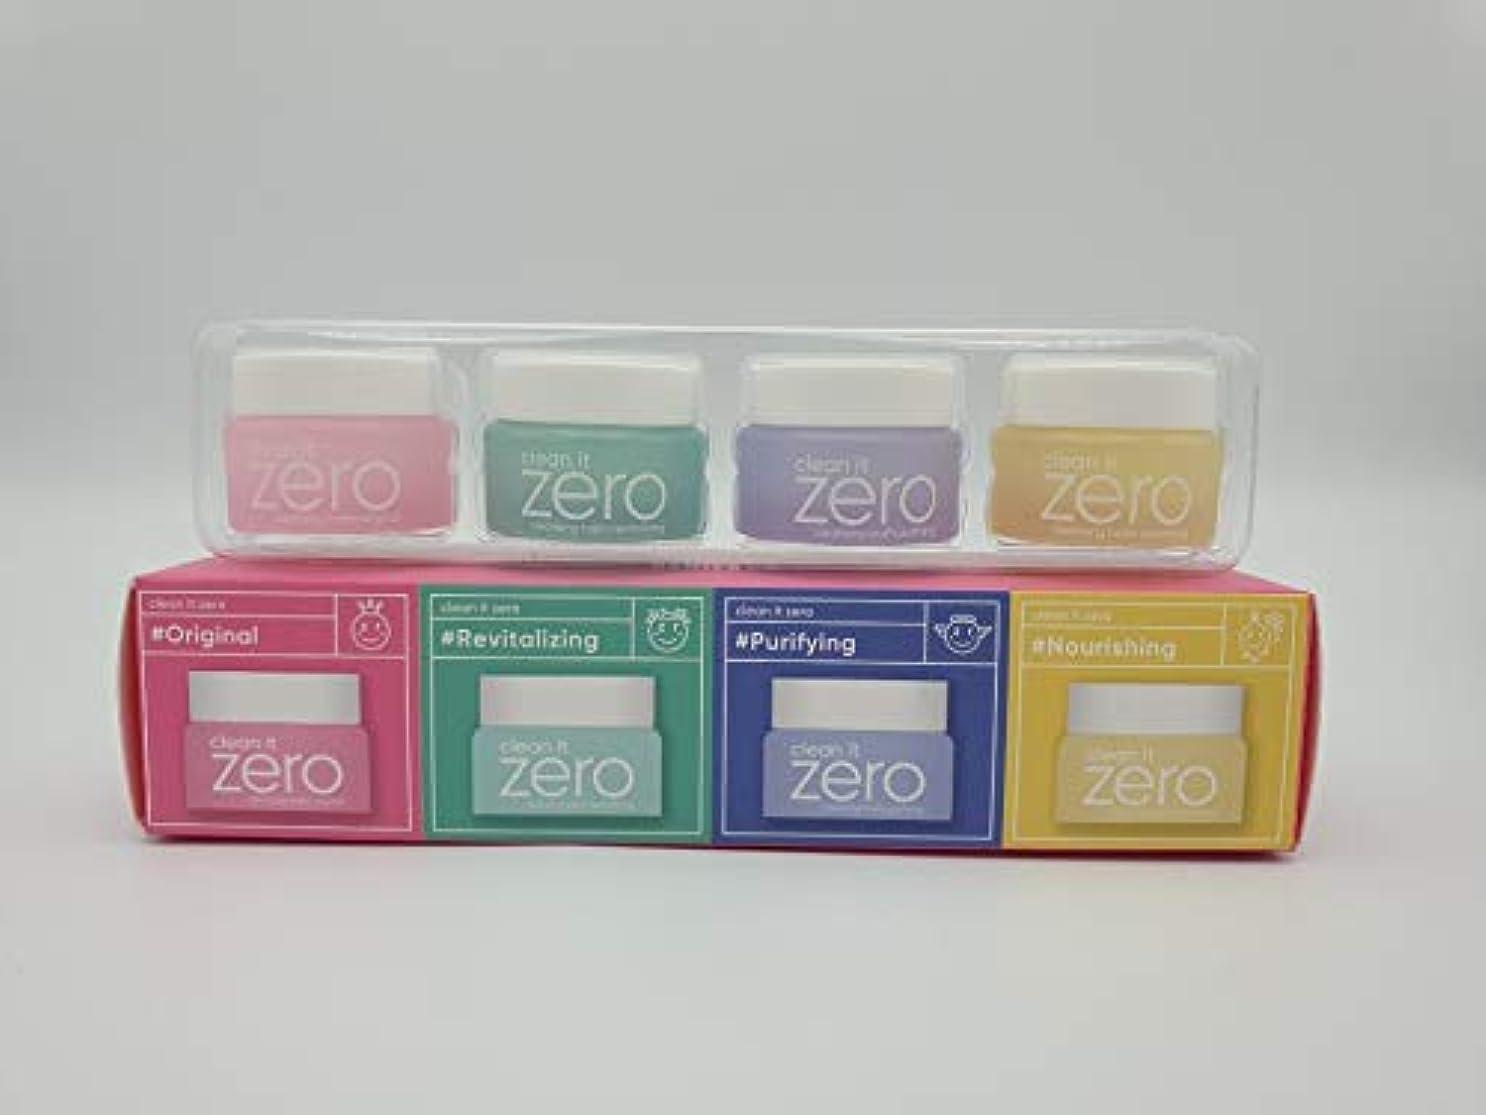 アライアンス推論インストールBANILA CO Clean It Zero Special Kit (7ml×4items)/バニラコ クリーン イット ゼロ スペシャル キット (7ml×4種) [並行輸入品]